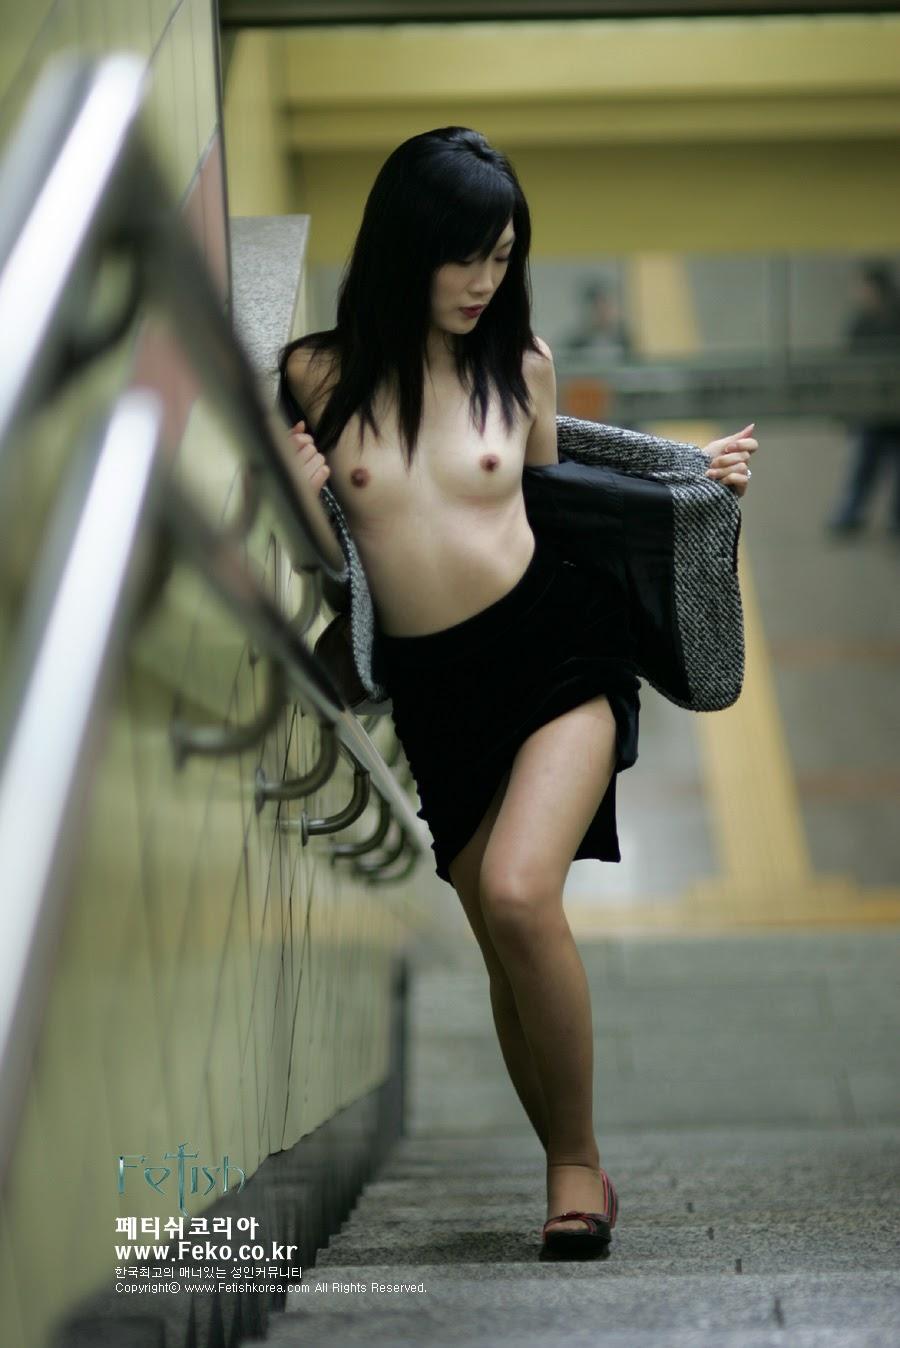 Fetishkorea.MD189.rar - idols